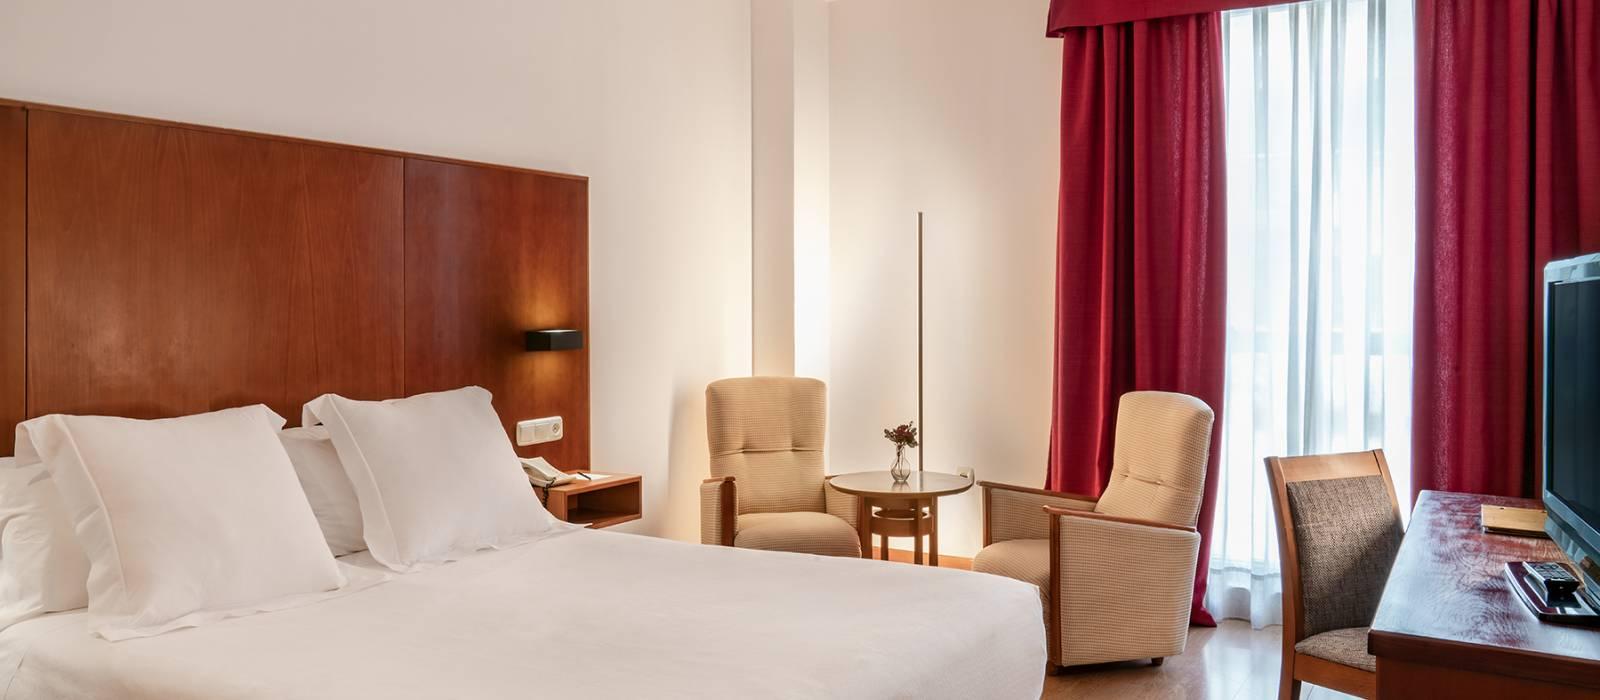 Oferta 4 noches y ahorra 15% Hotel Vincci Ciudad de Salamanca